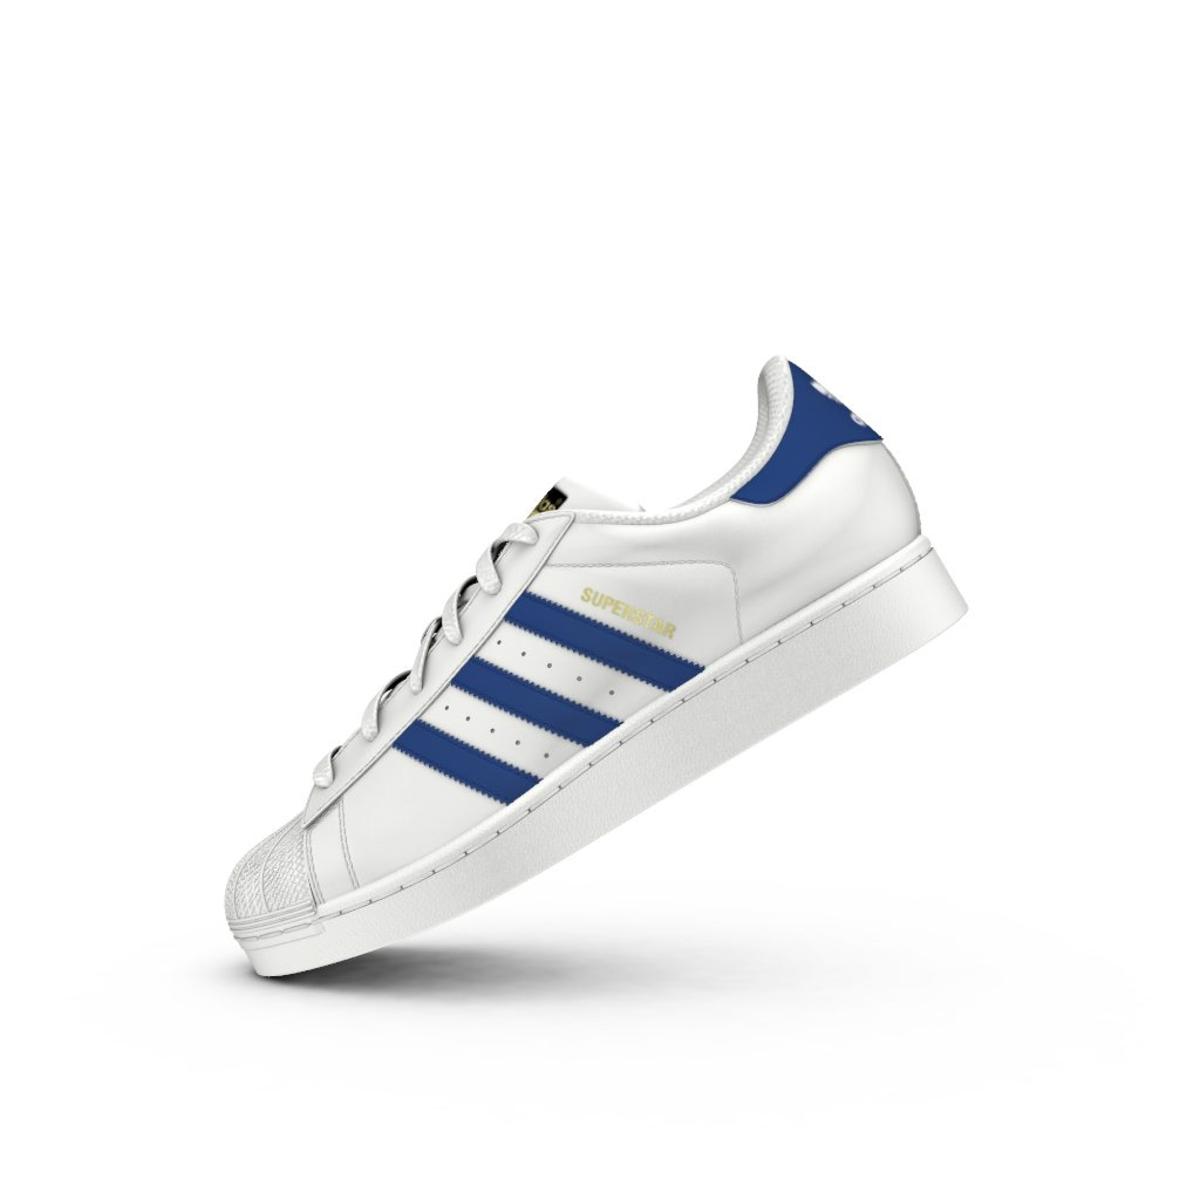 adidas originals superstar shoes s74944 basketball shoes sklep koszykarski. Black Bedroom Furniture Sets. Home Design Ideas